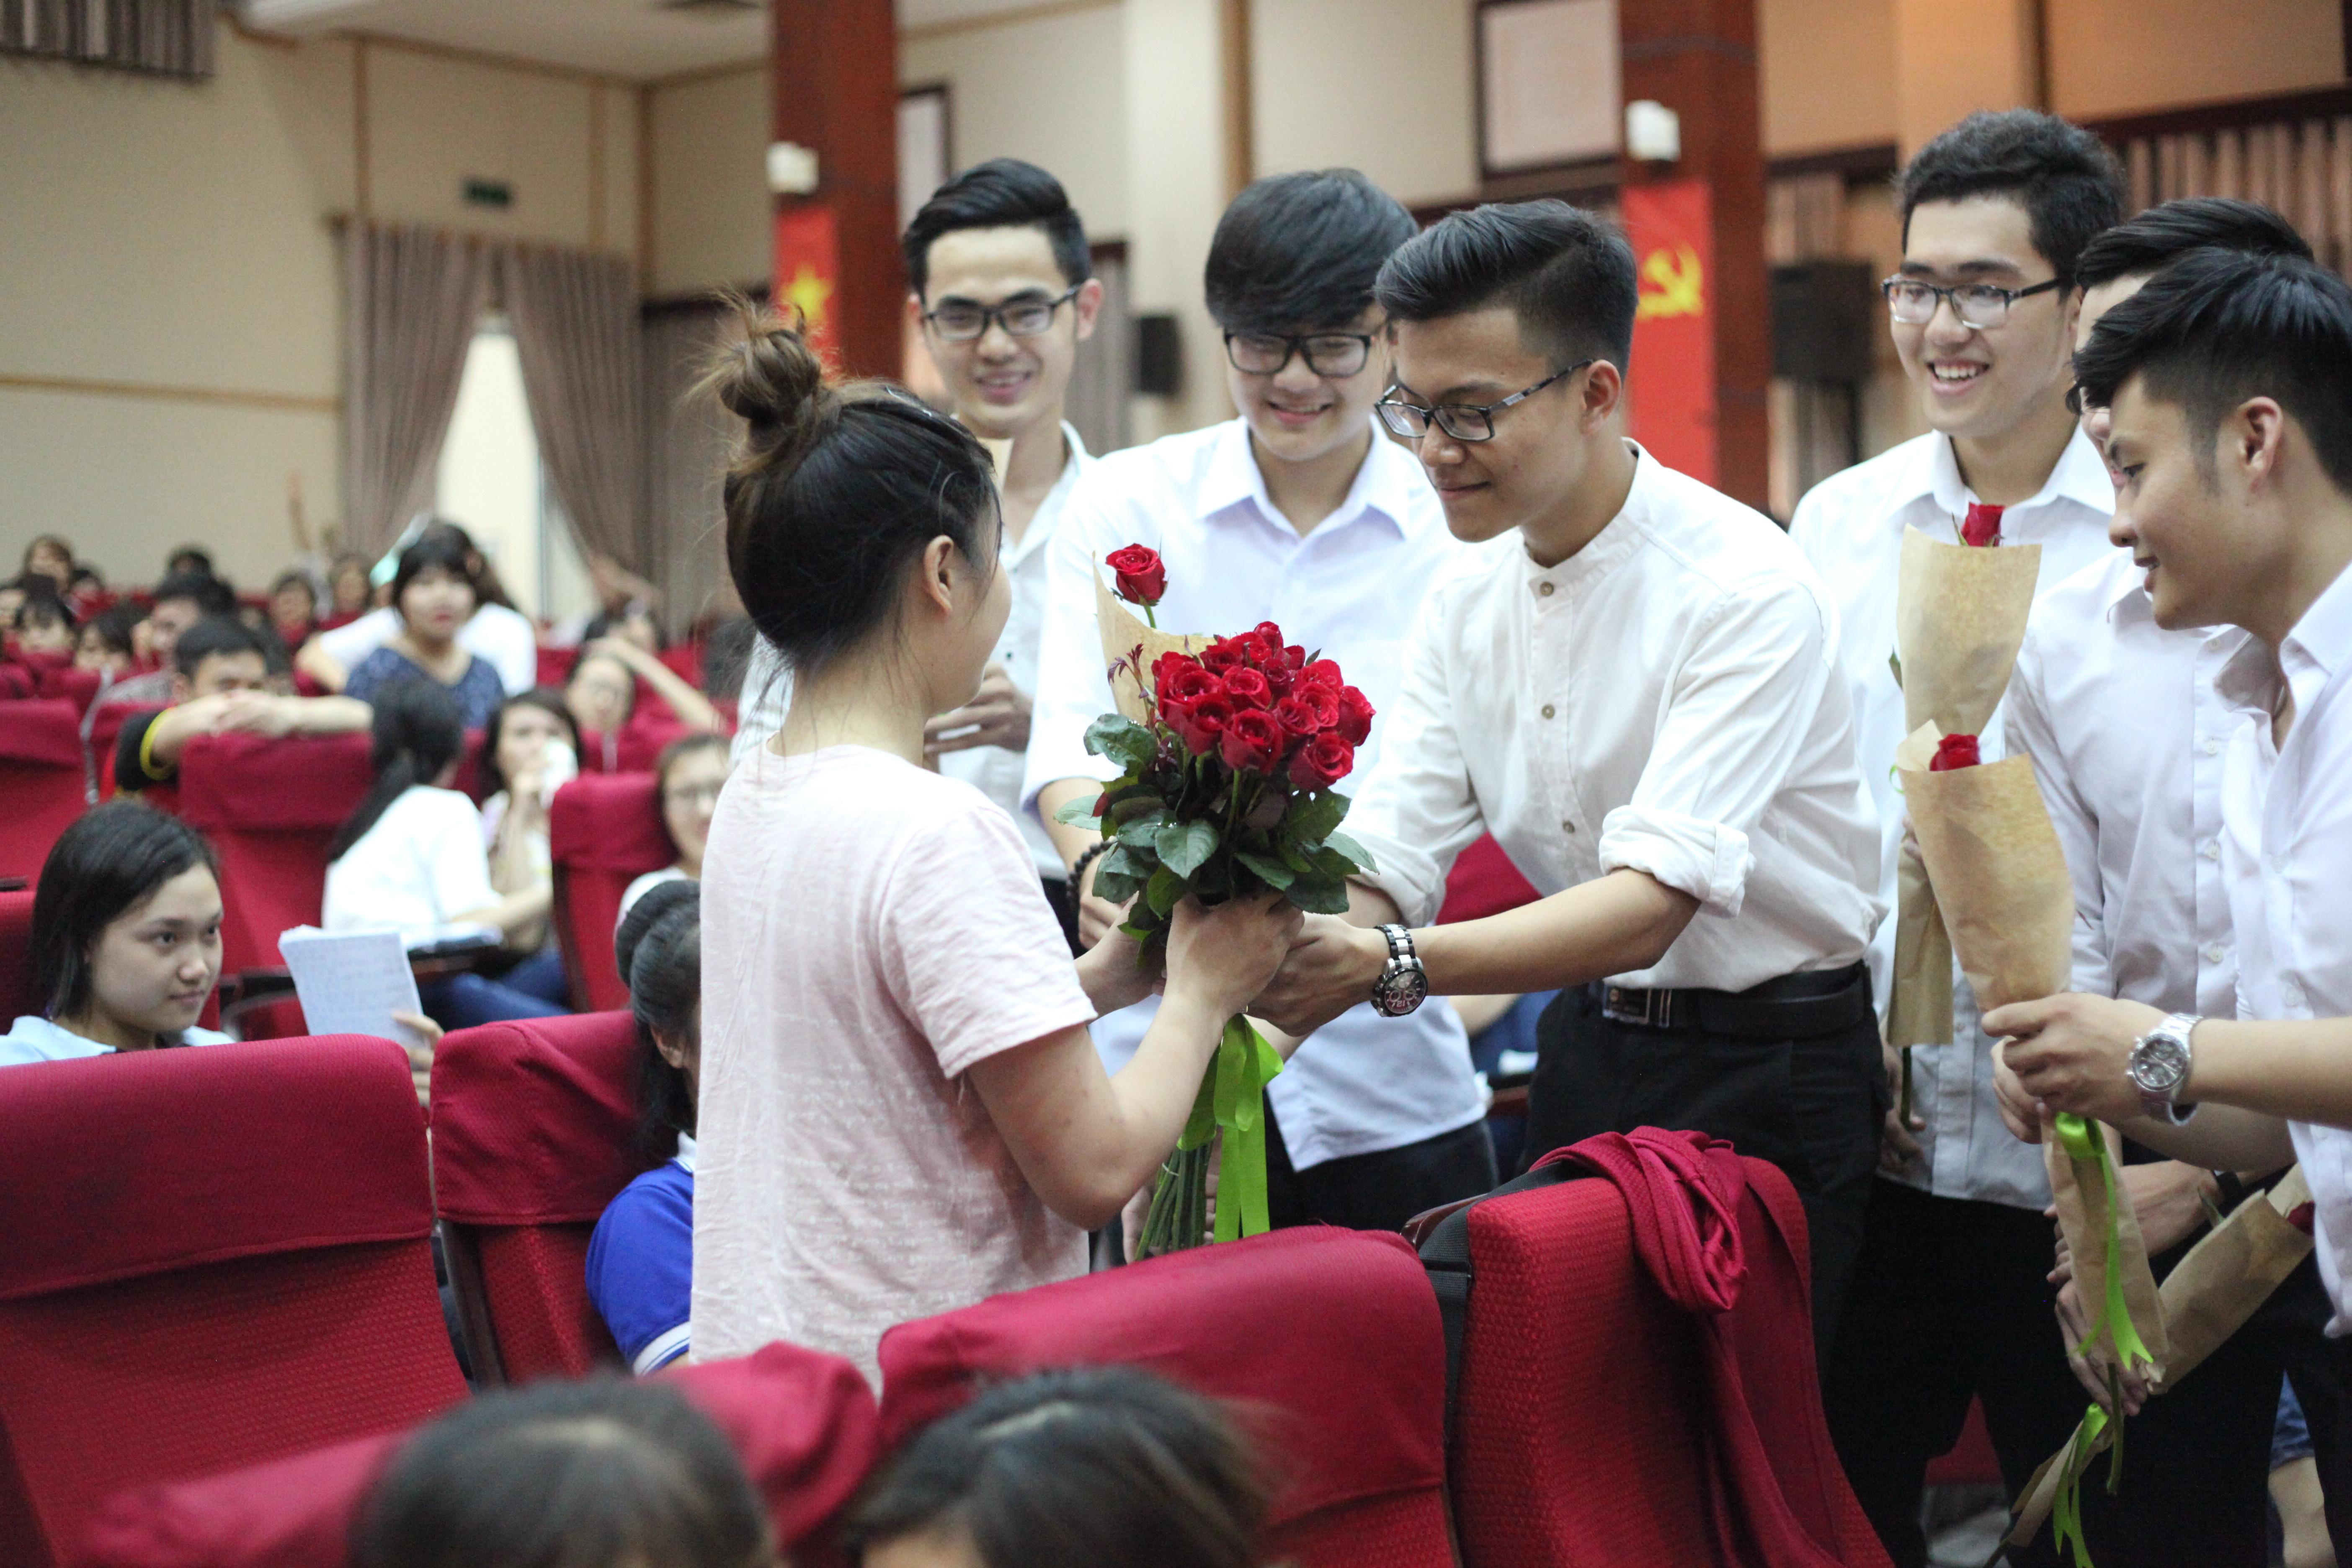 Giáo dục - Nữ sinh báo chí ngỡ ngàng khi được 9 chàng trai tặng hoa giữa giảng đường